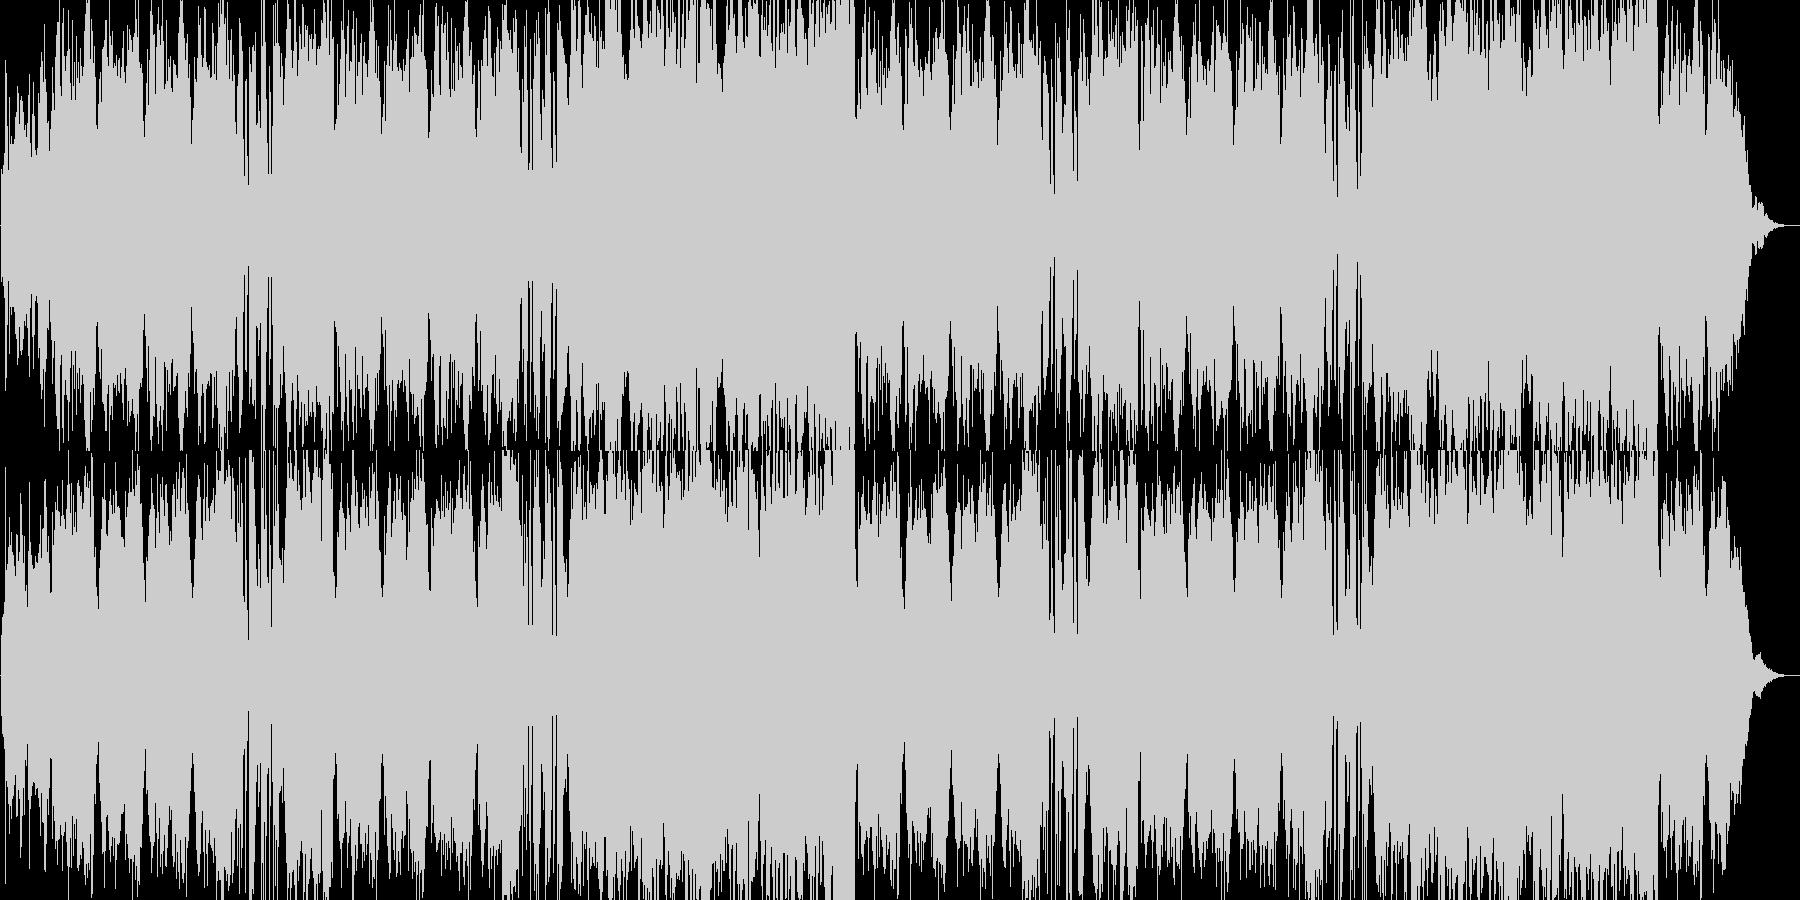 弦楽四重奏+ハープの優雅で穏やかな曲の未再生の波形